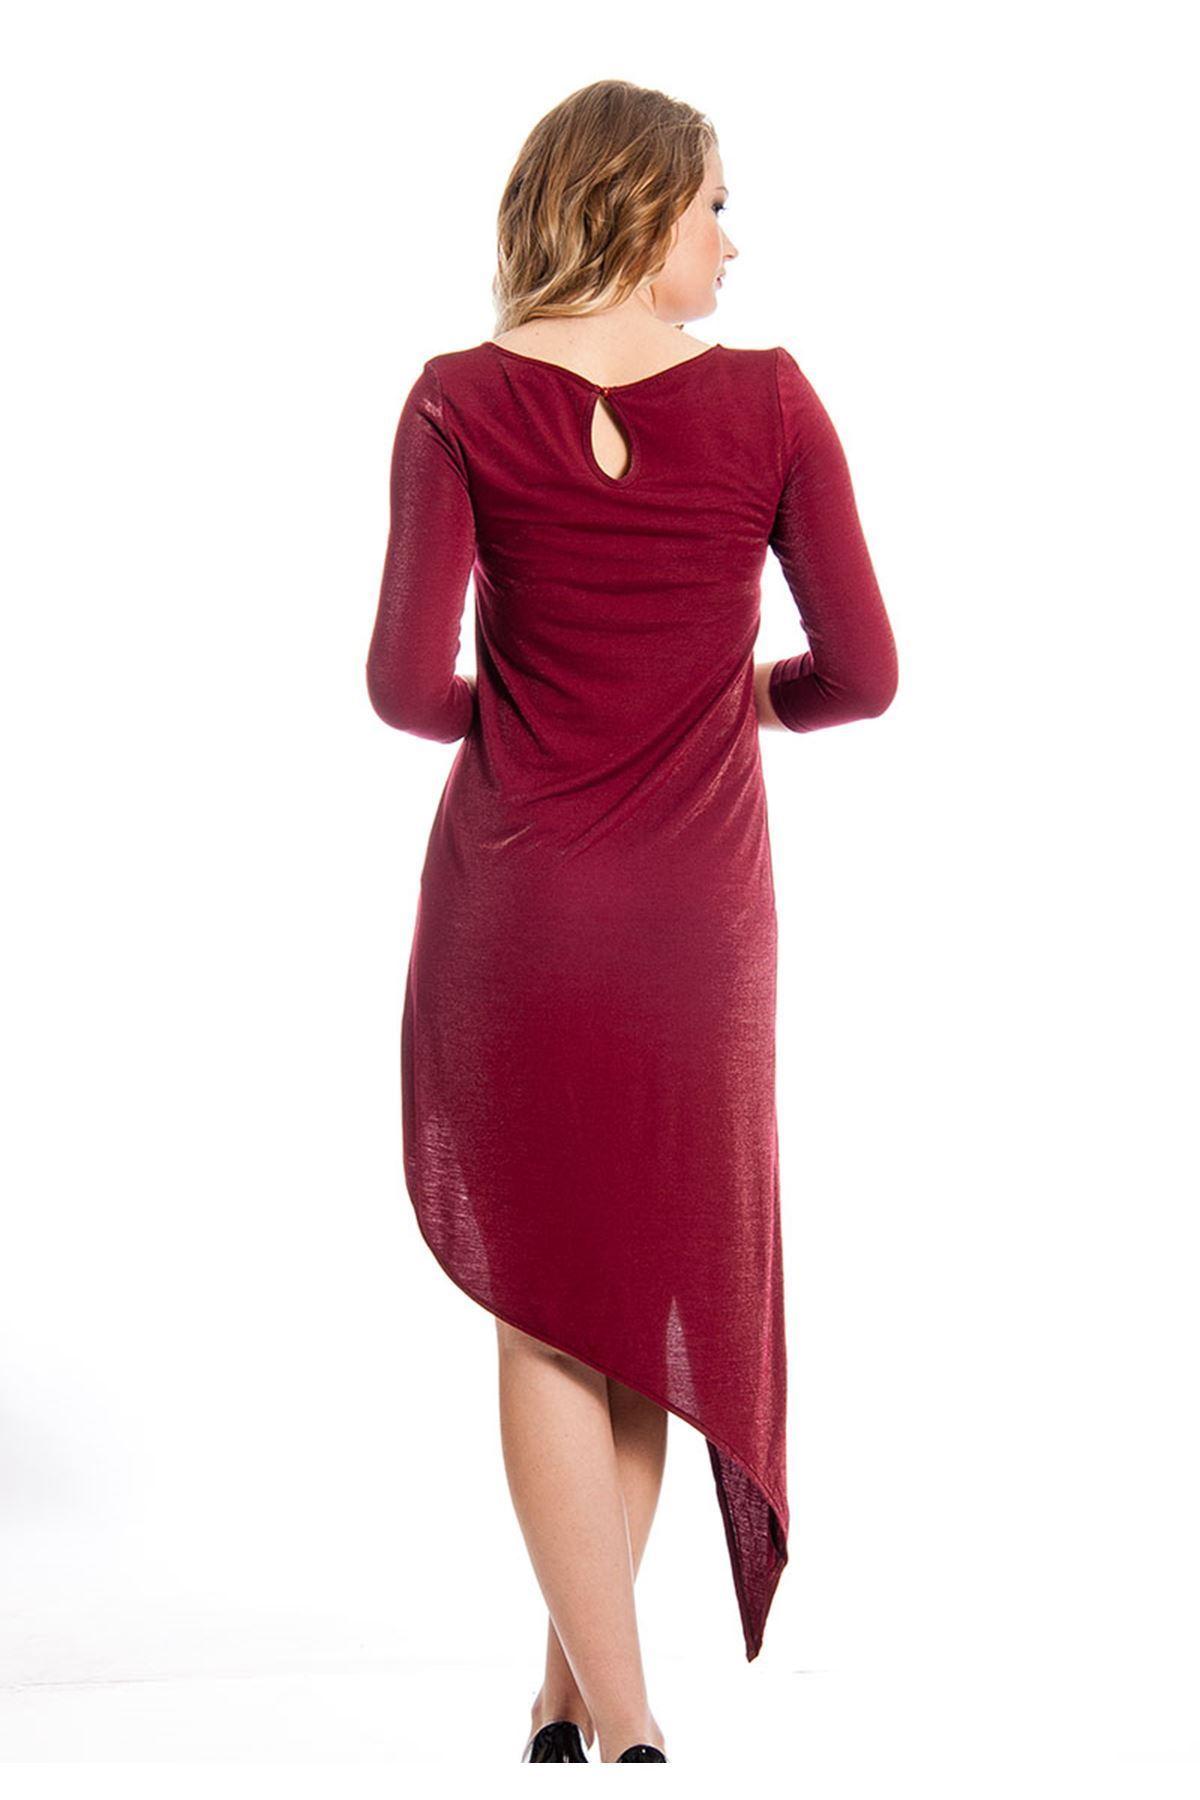 Bordo Taş İşlemeli Kadın Elbise J3-126430